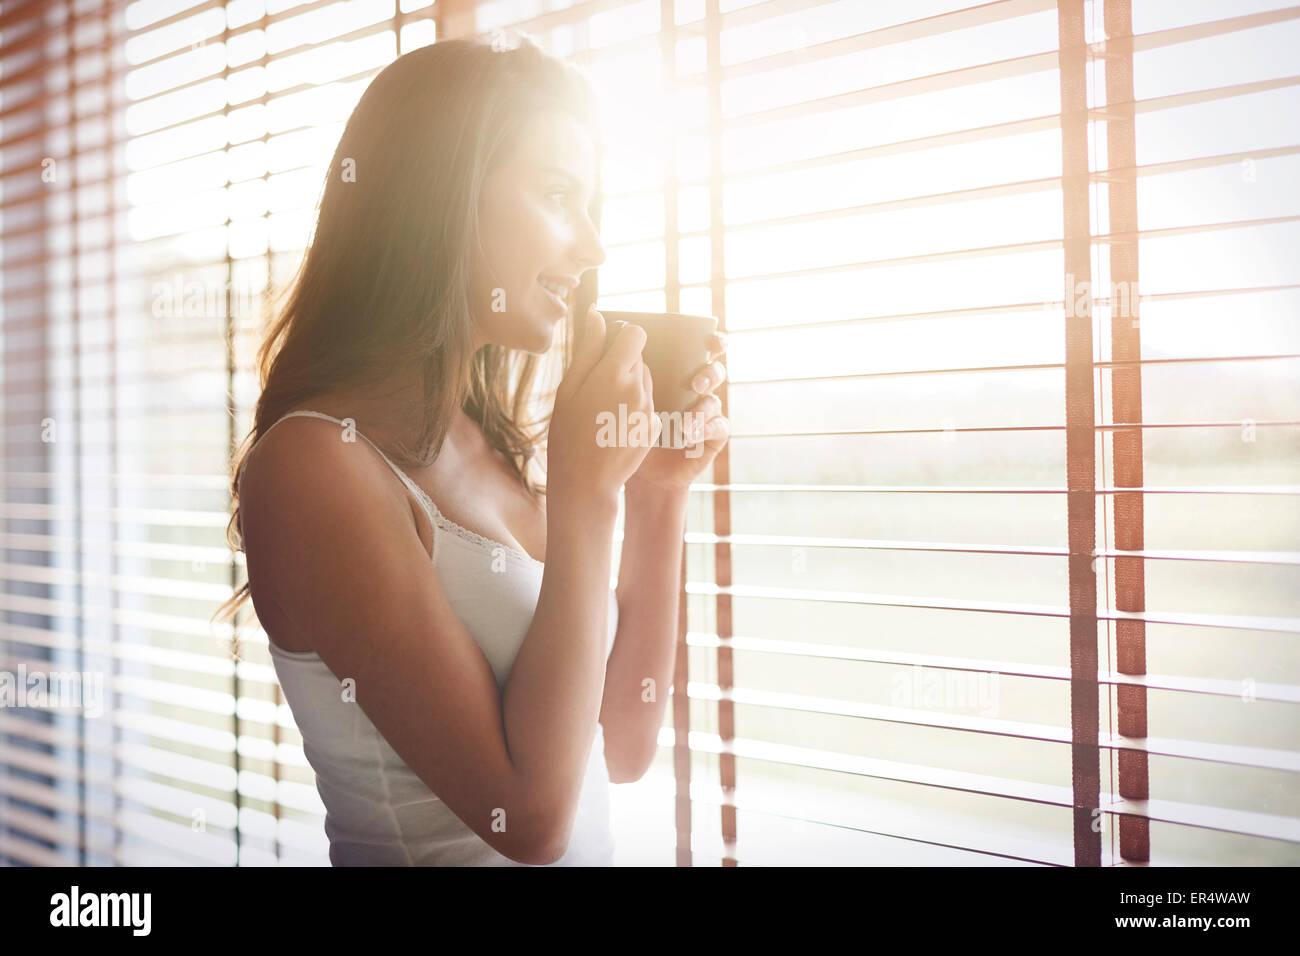 Matin soleil et bon café me met toujours de bonne humeur. Debica, Pologne Photo Stock